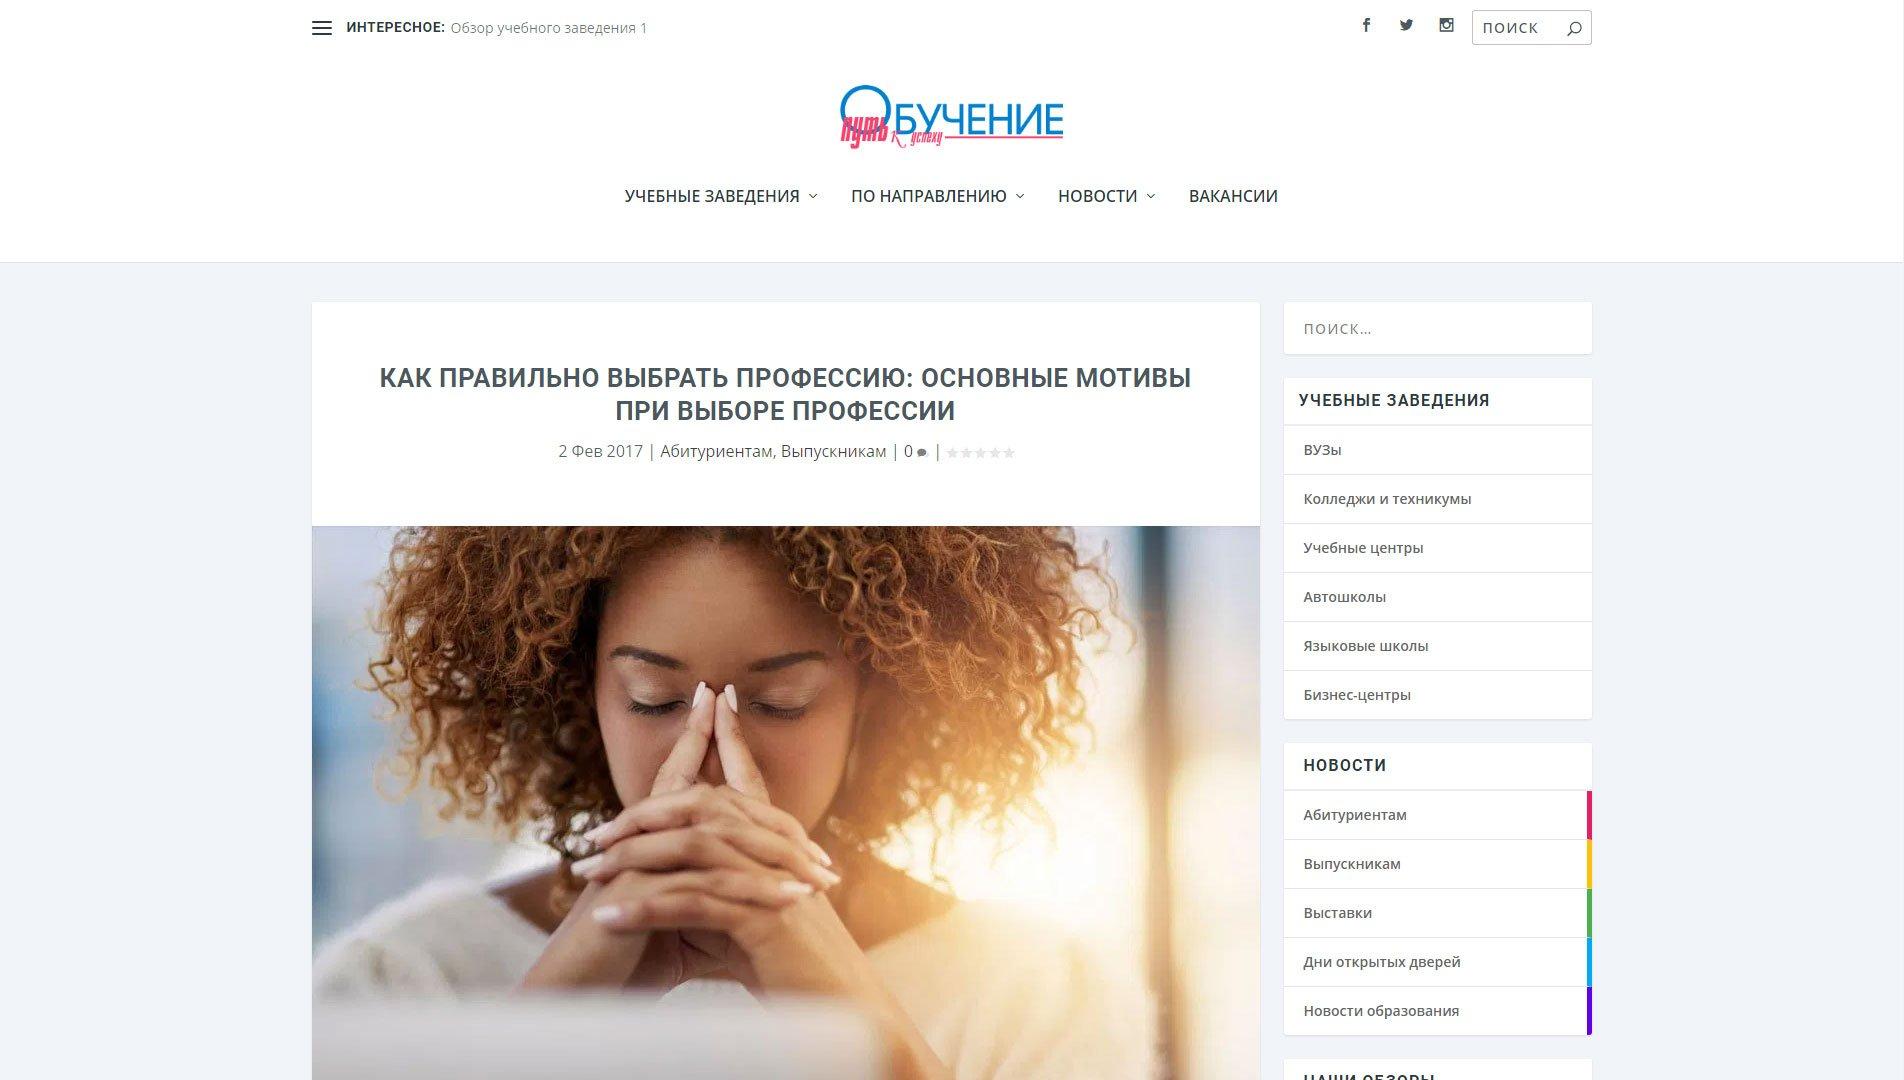 Создание сайта Obuchenie56.ru - Образовательный портал в Оренбурге (10)